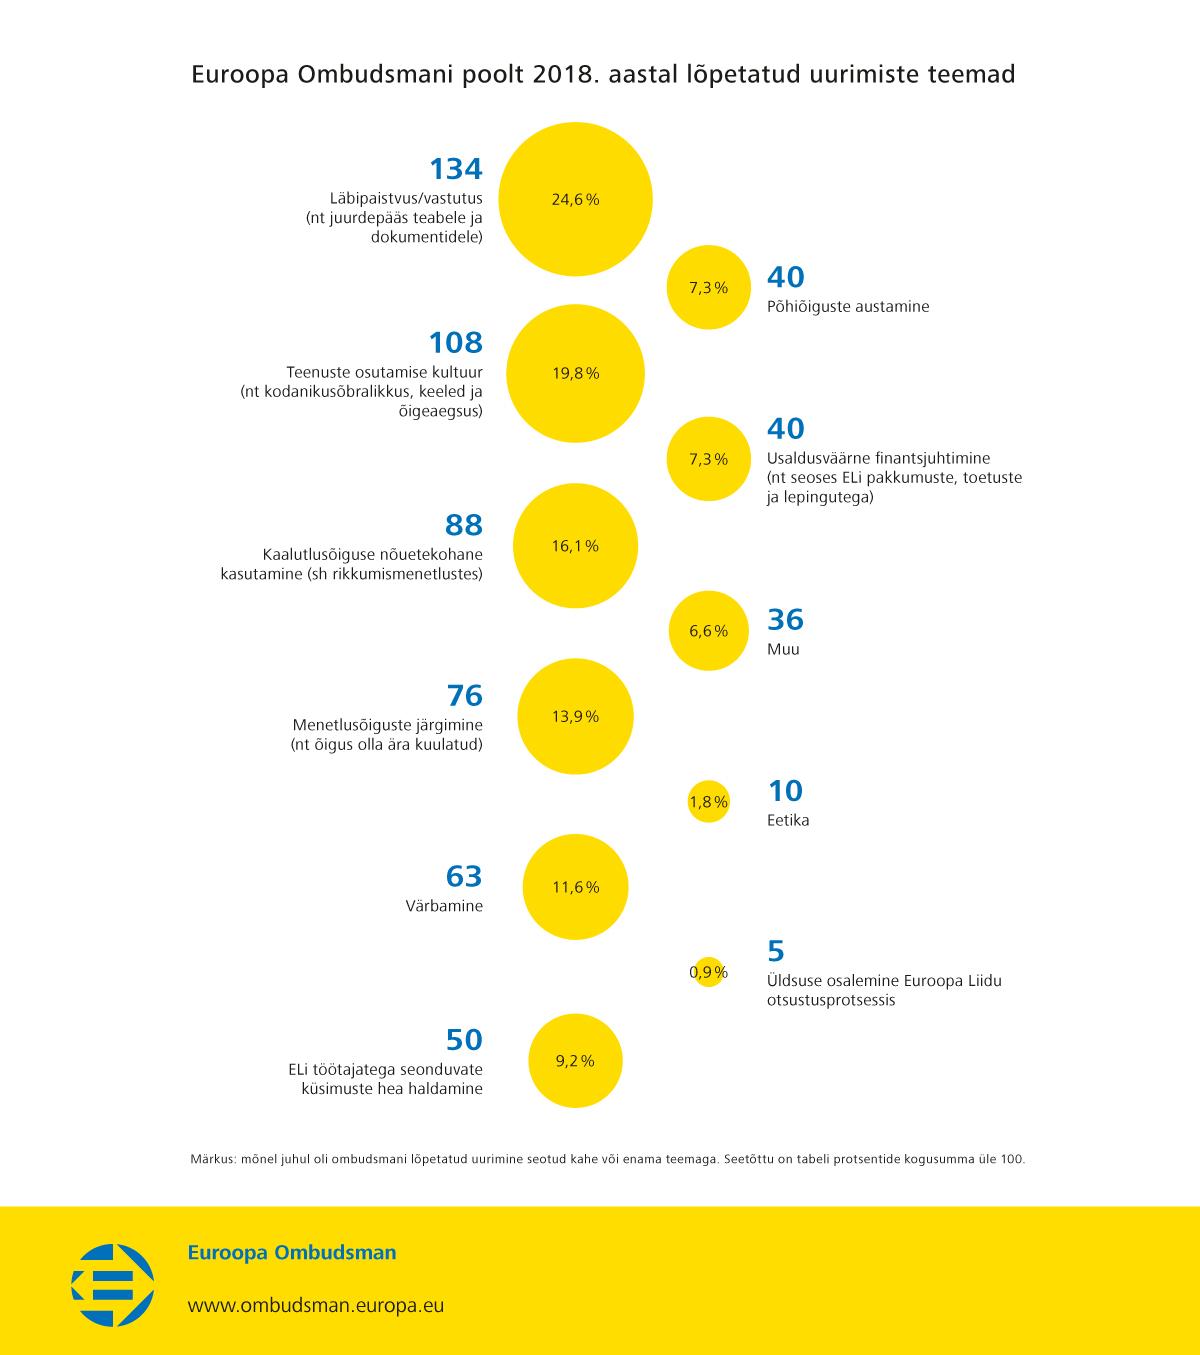 Euroopa Ombudsmani poolt 2018. aastal lõpetatud uurimiste teemad